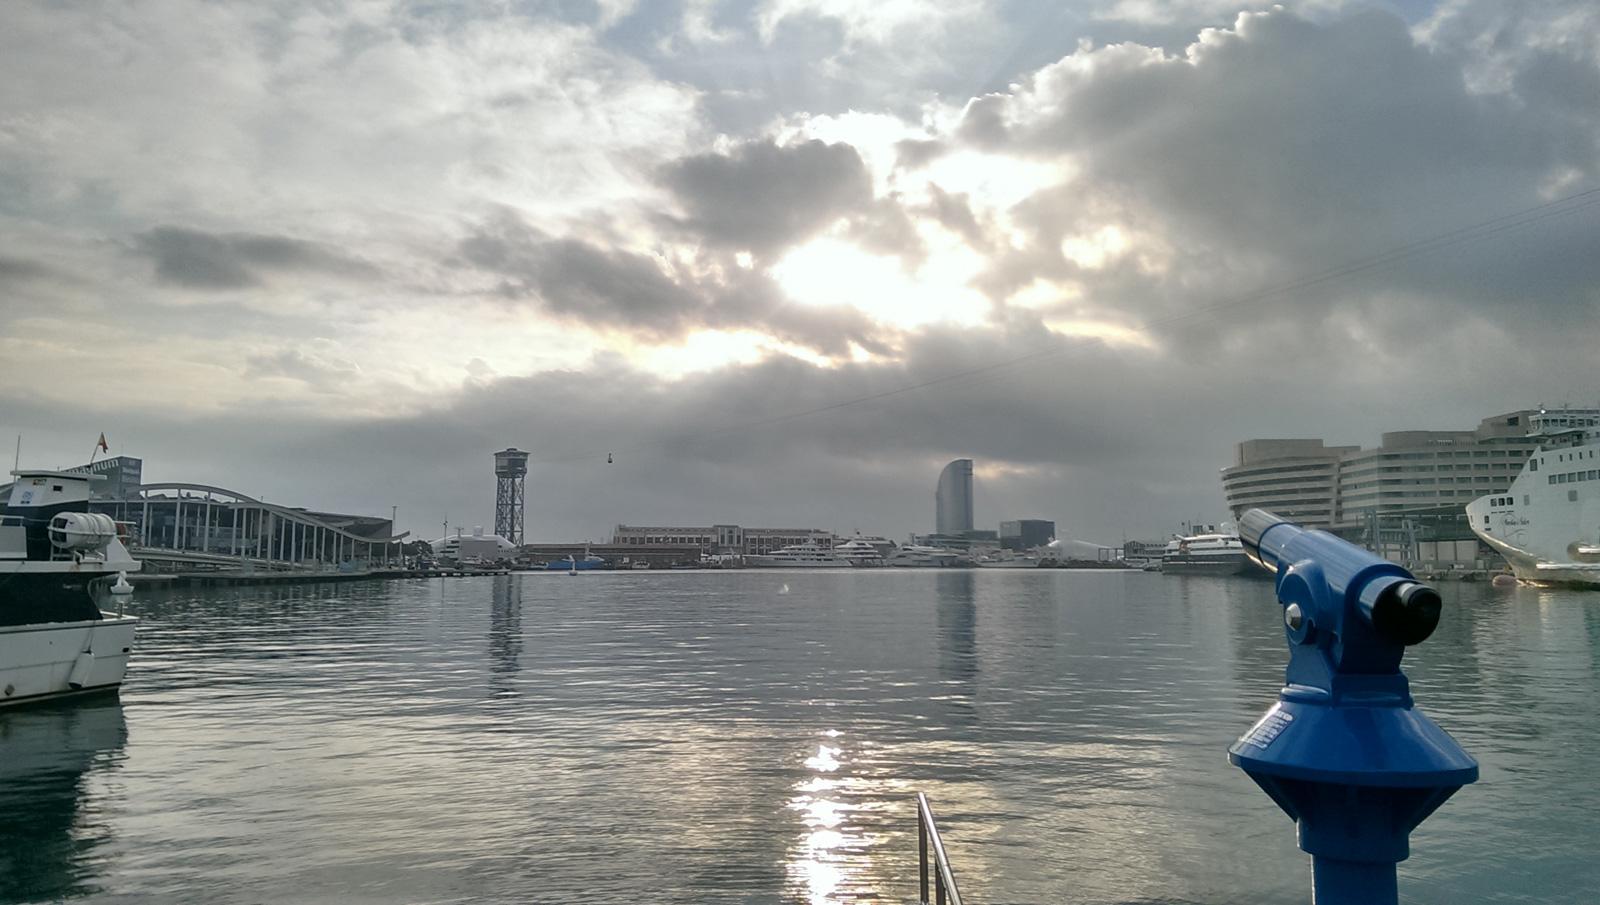 Puerto de Barcelona nublado, octubre 2016